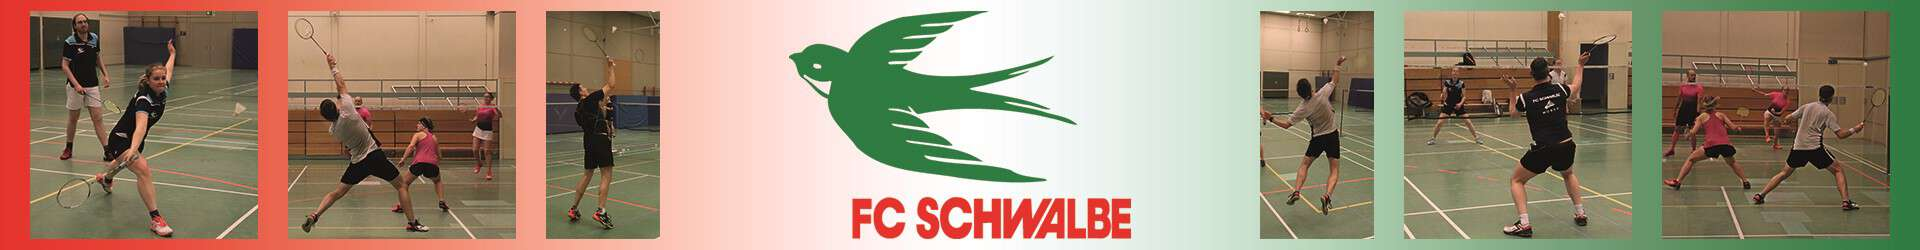 Badminton FC Schwalbe Hannover